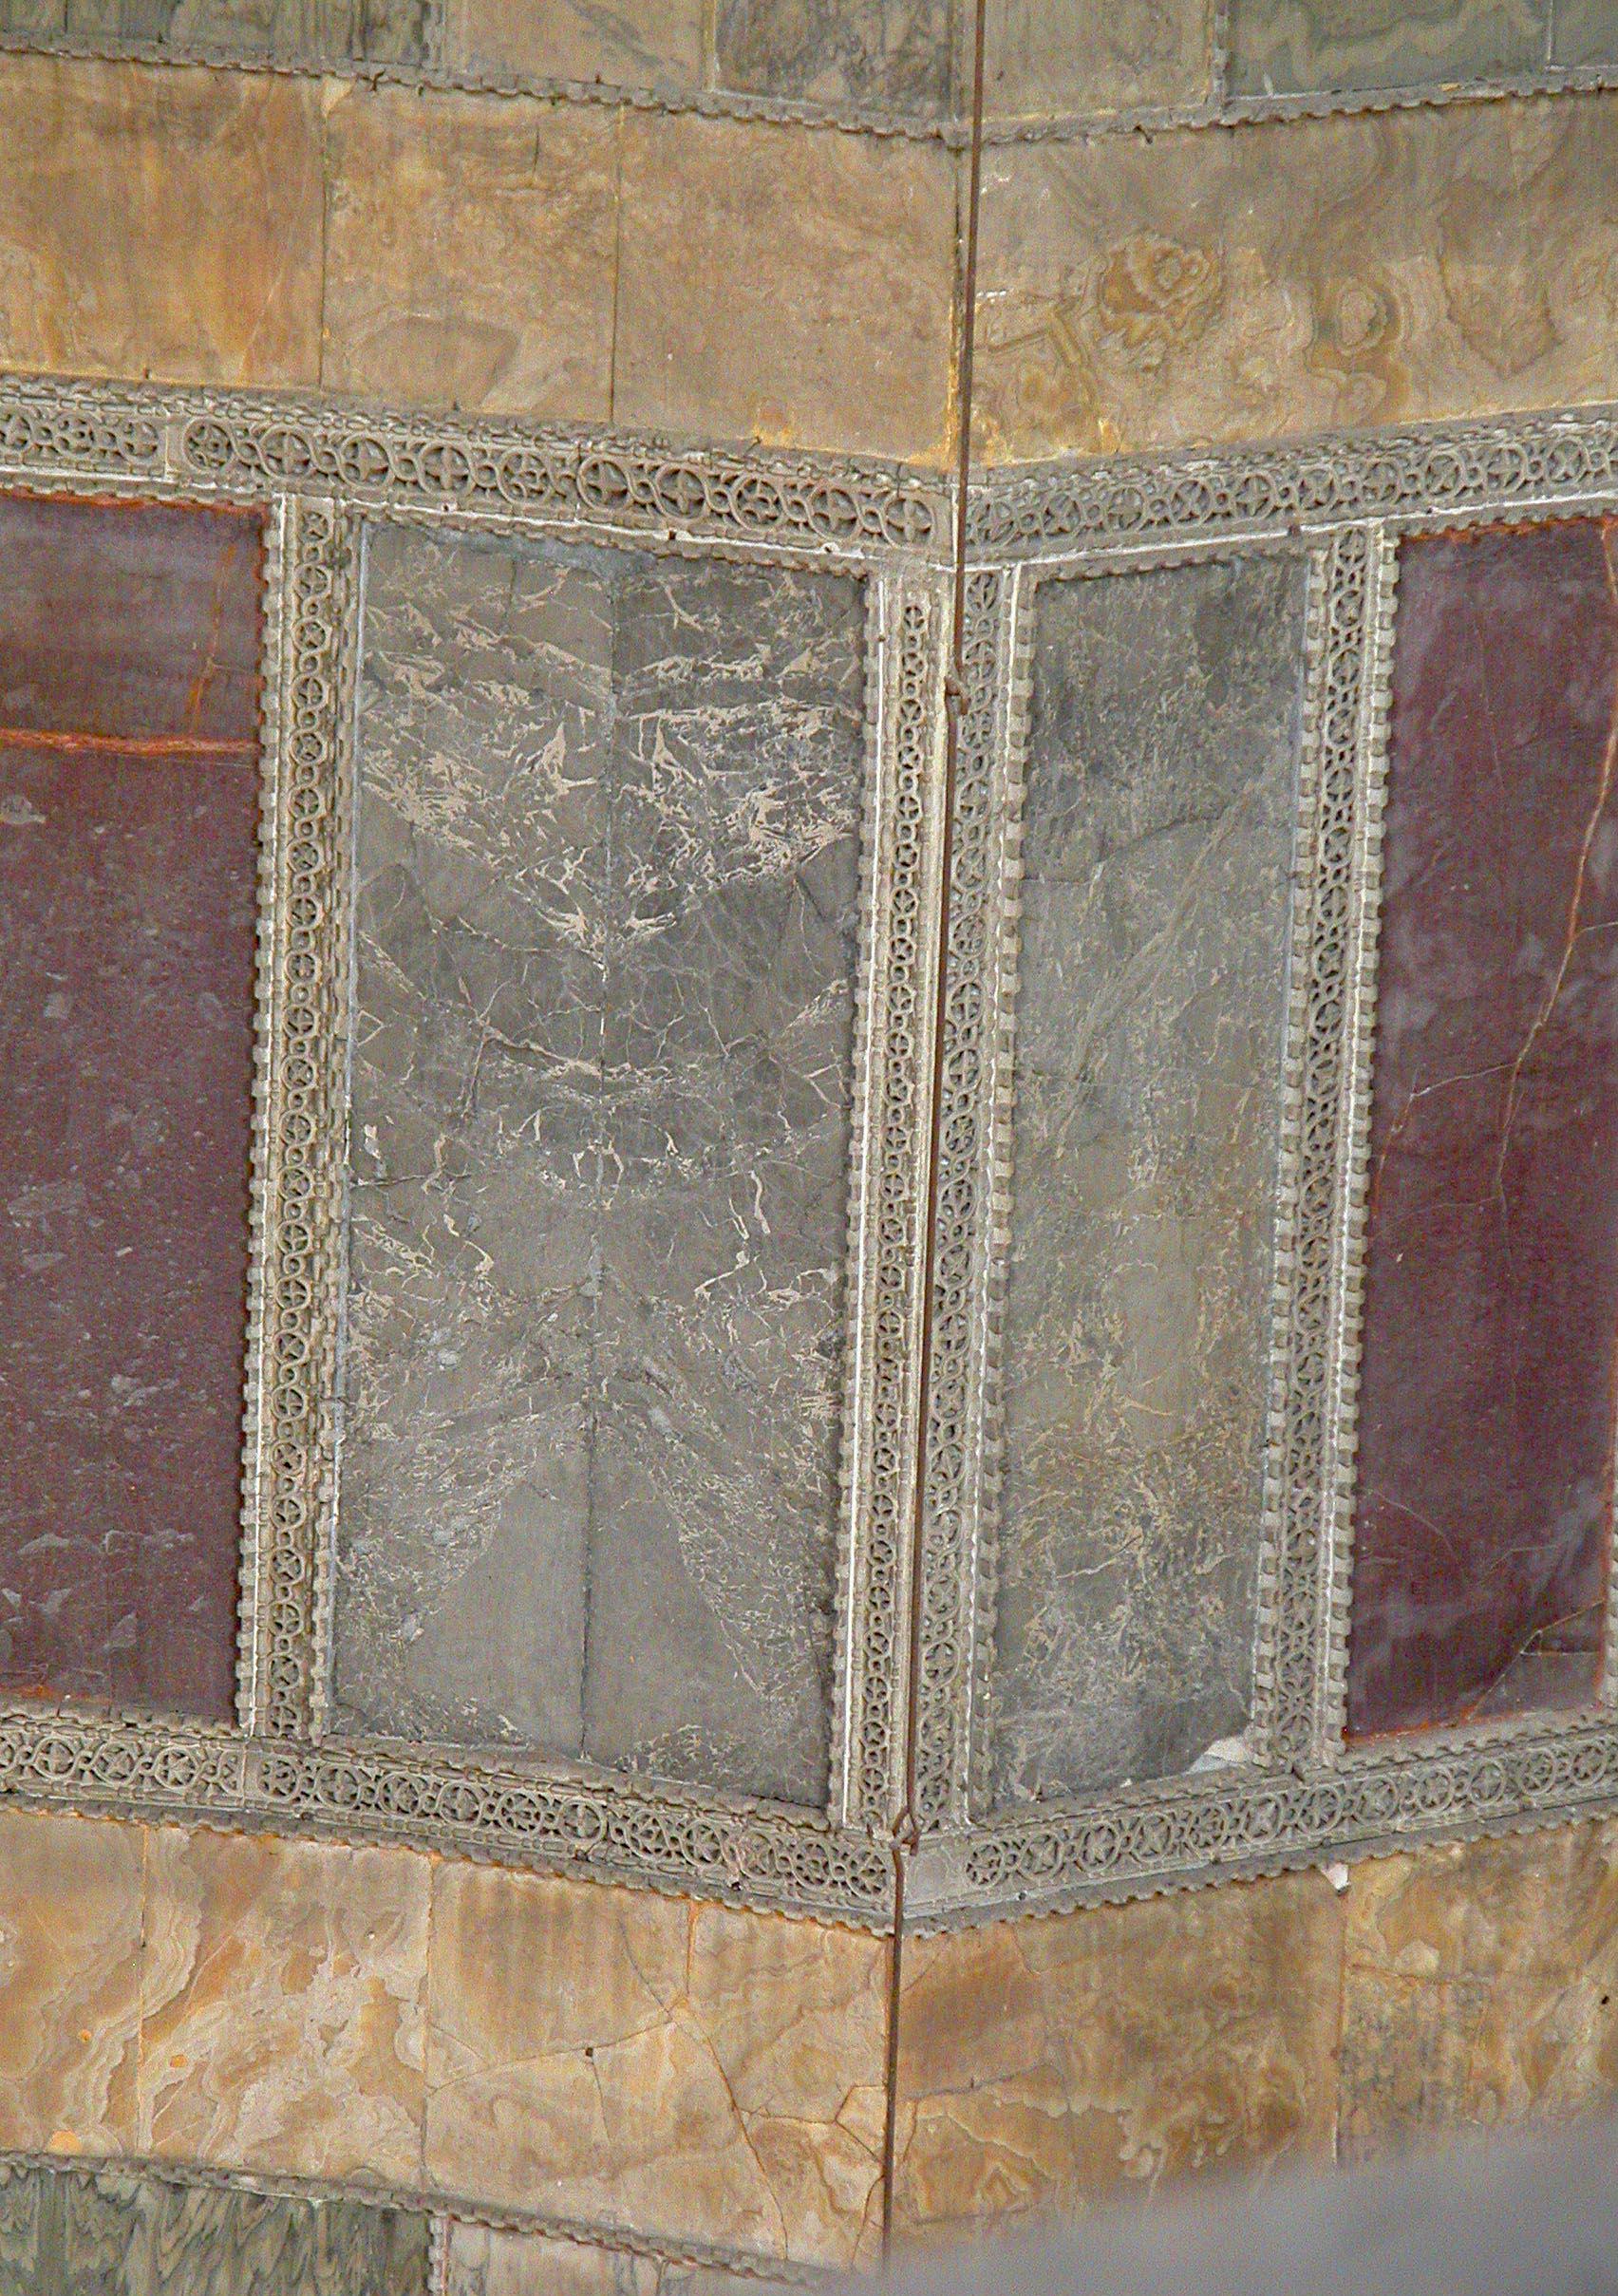 Corner in Nave of Hagia Sophia - Golden Onyx bands